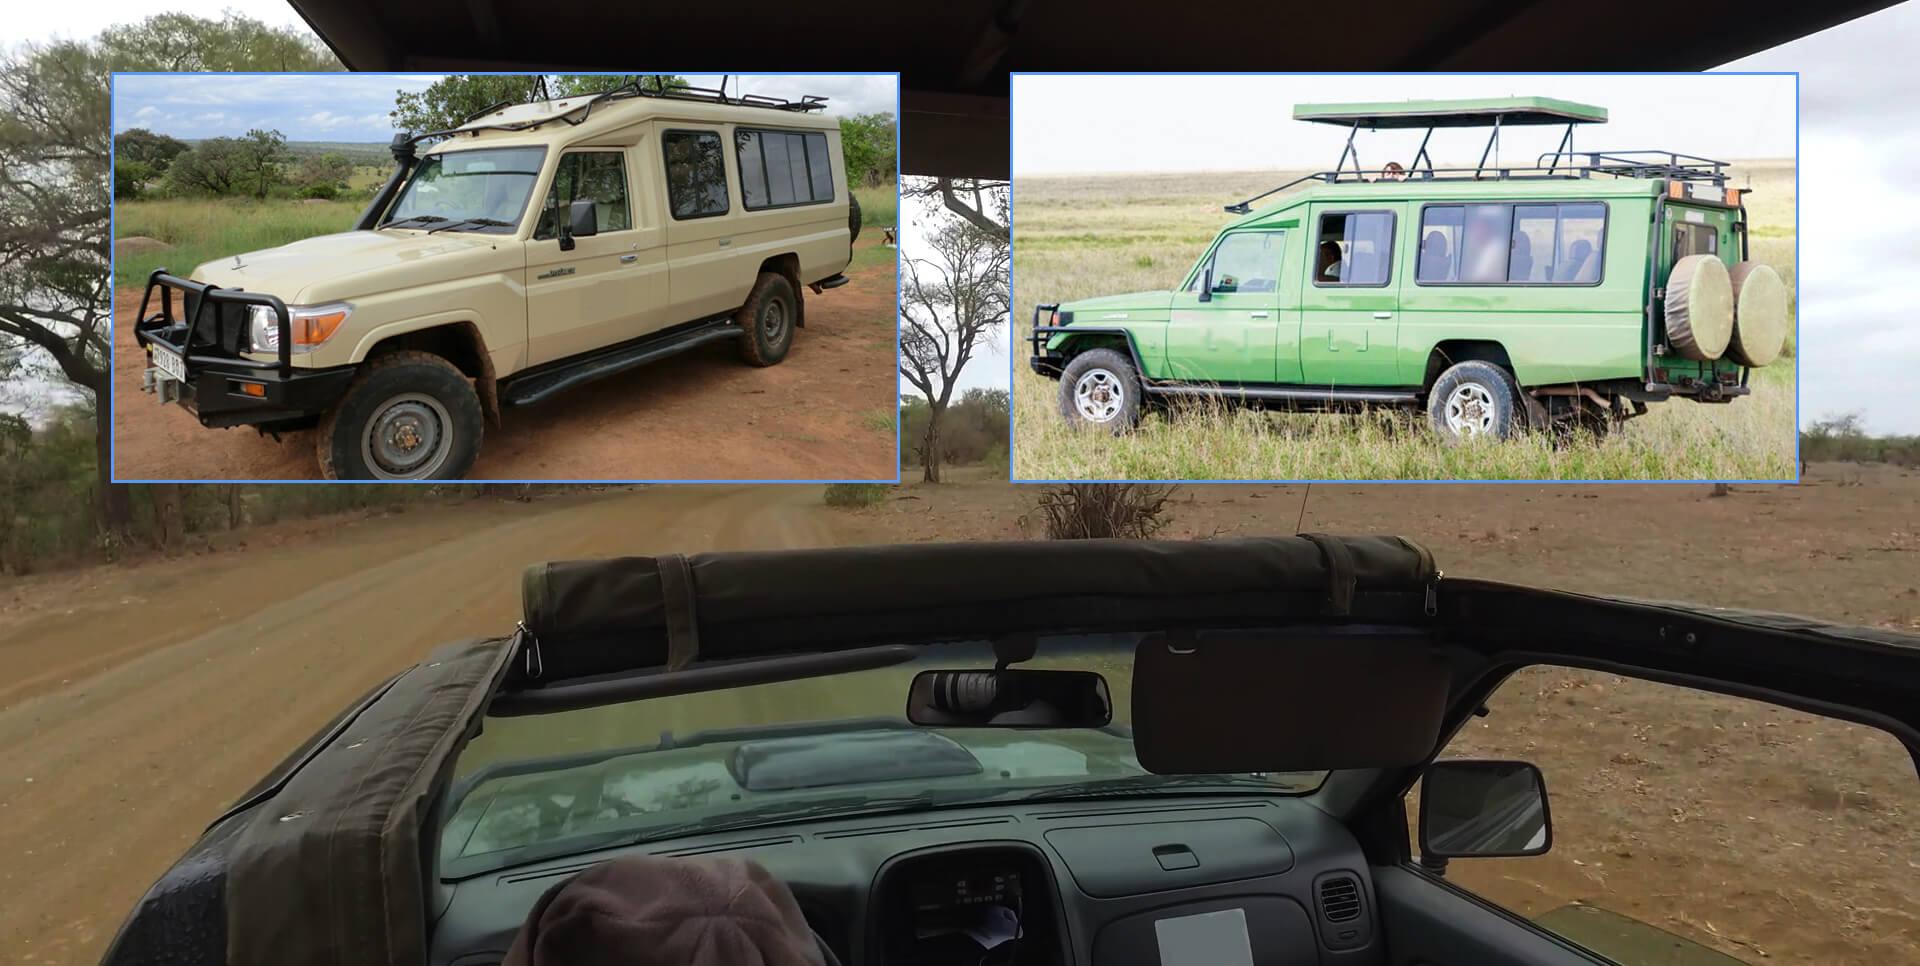 Safari car rental, 4x4 car rental